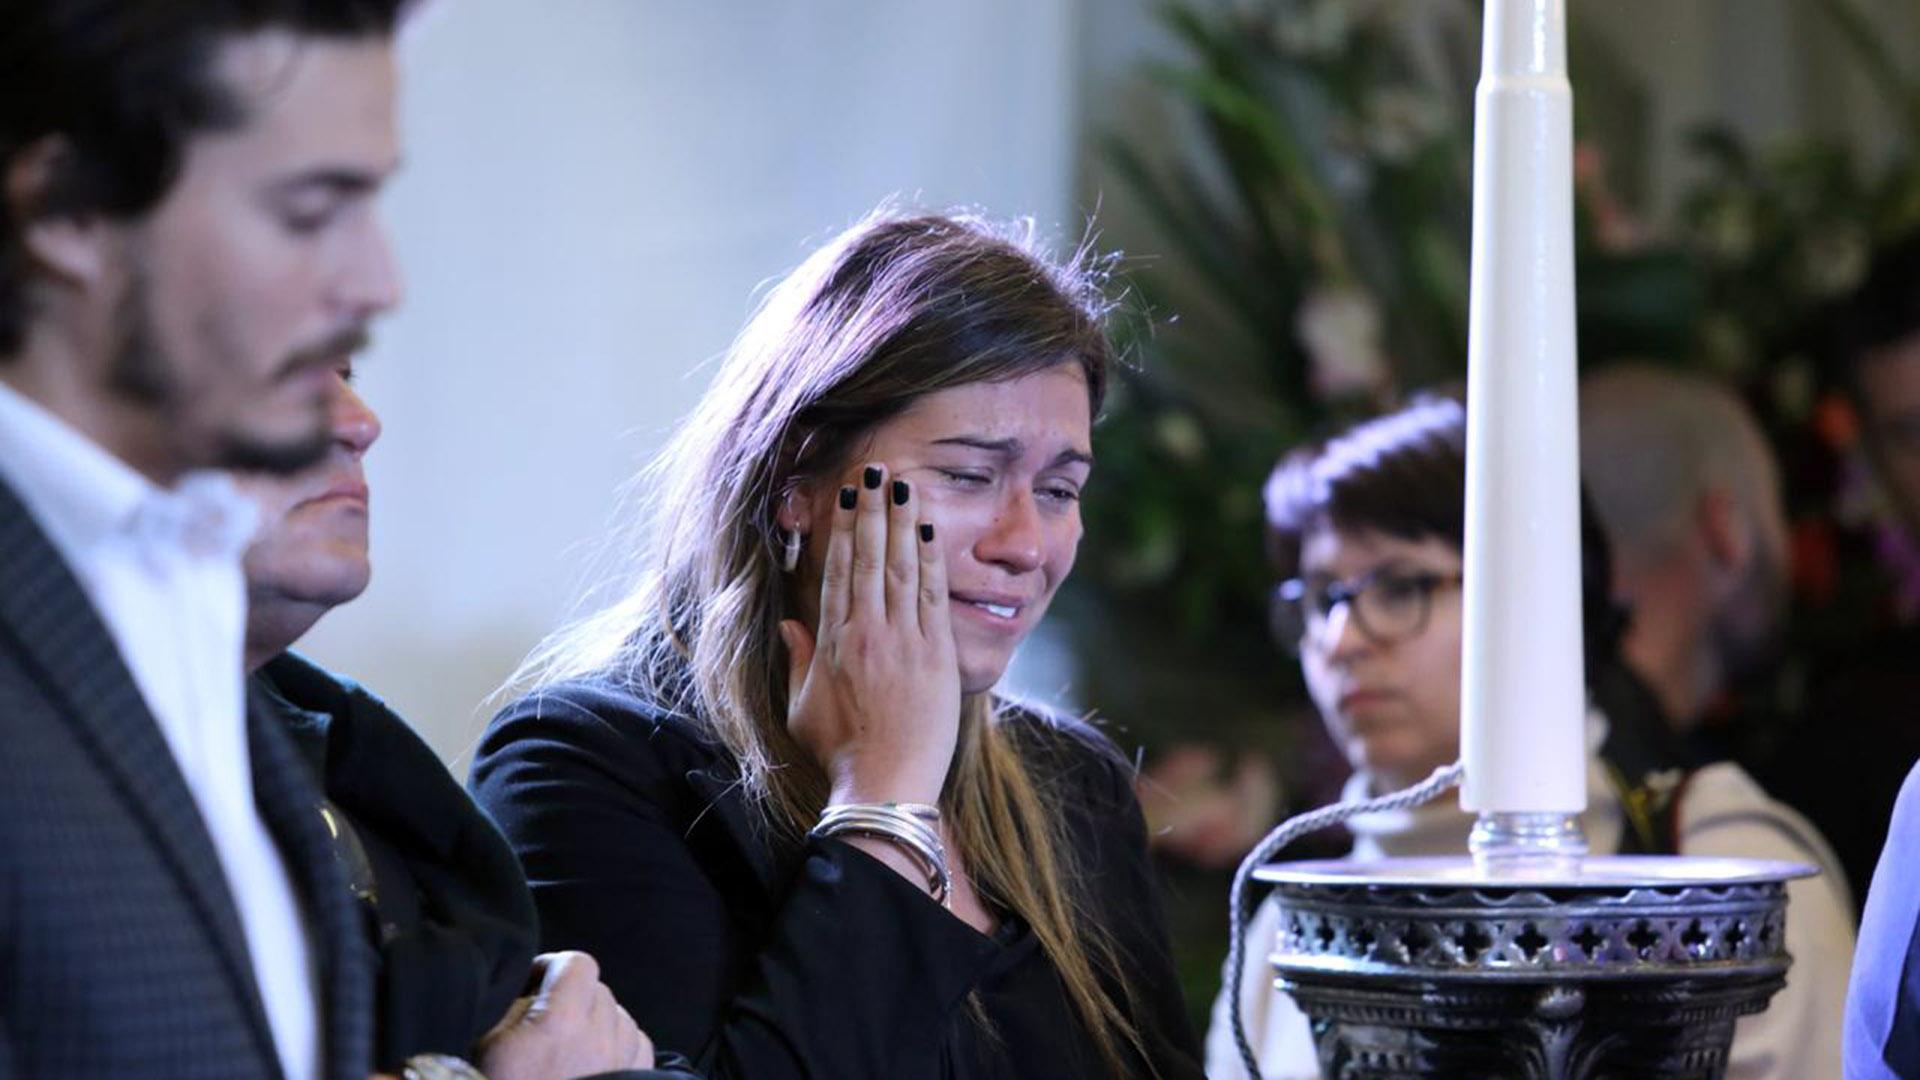 El auto del ex candidato presidencial se dirigía desde la ciudad de Río Cuarto hacia la ciudad de Córdoba cuando quedó incrustado debajo de un camión con acoplado